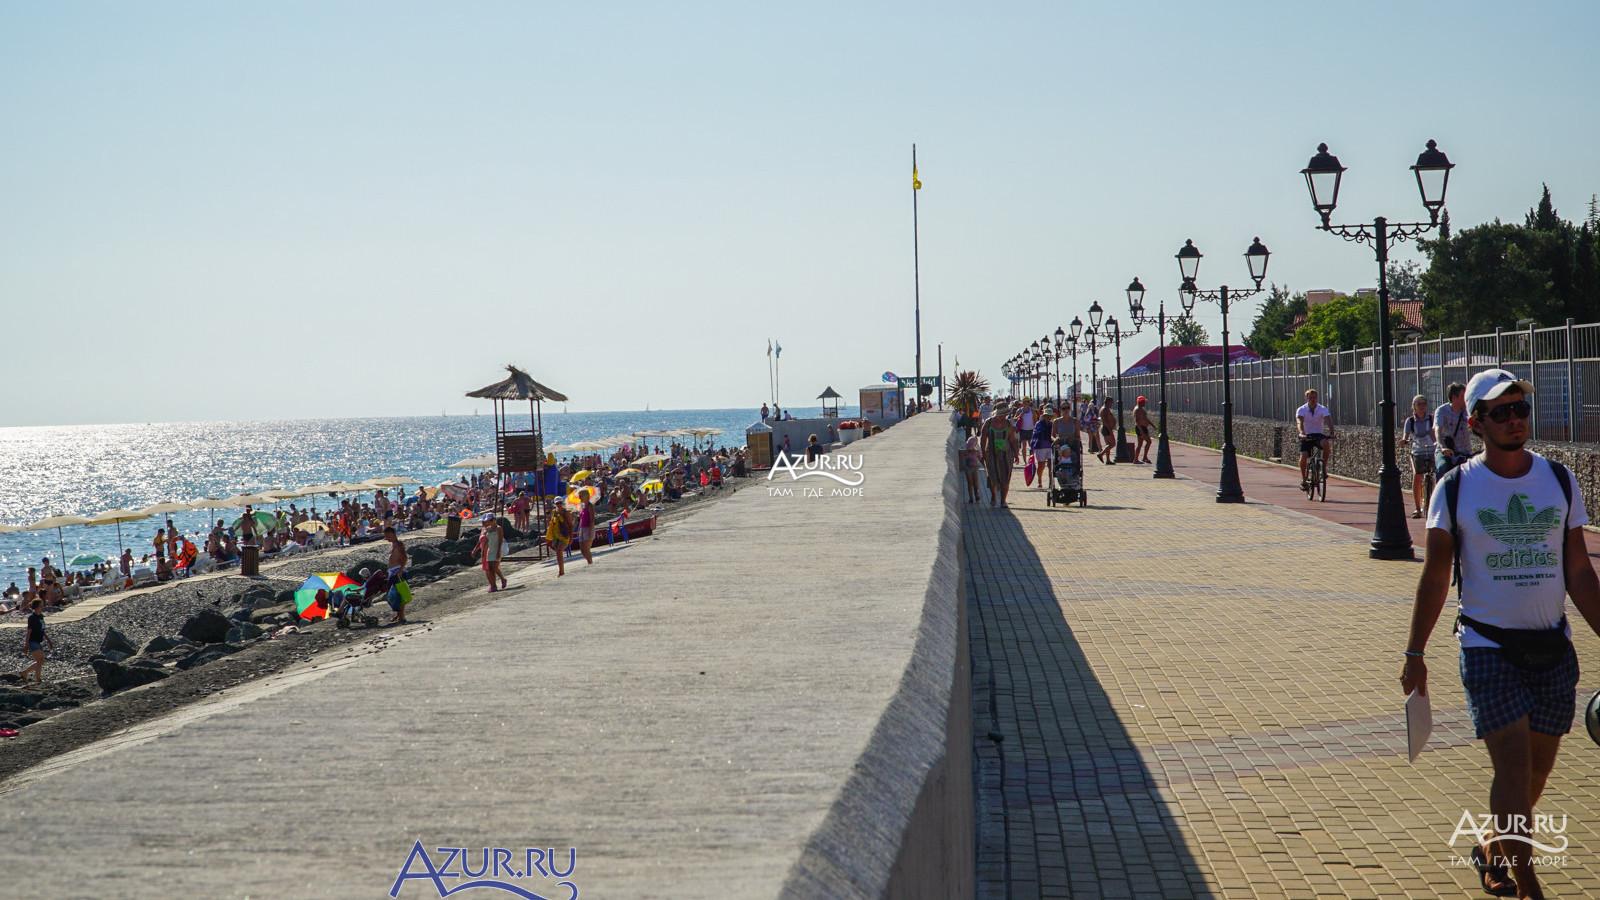 Фотографии с сайта сервиса Azur